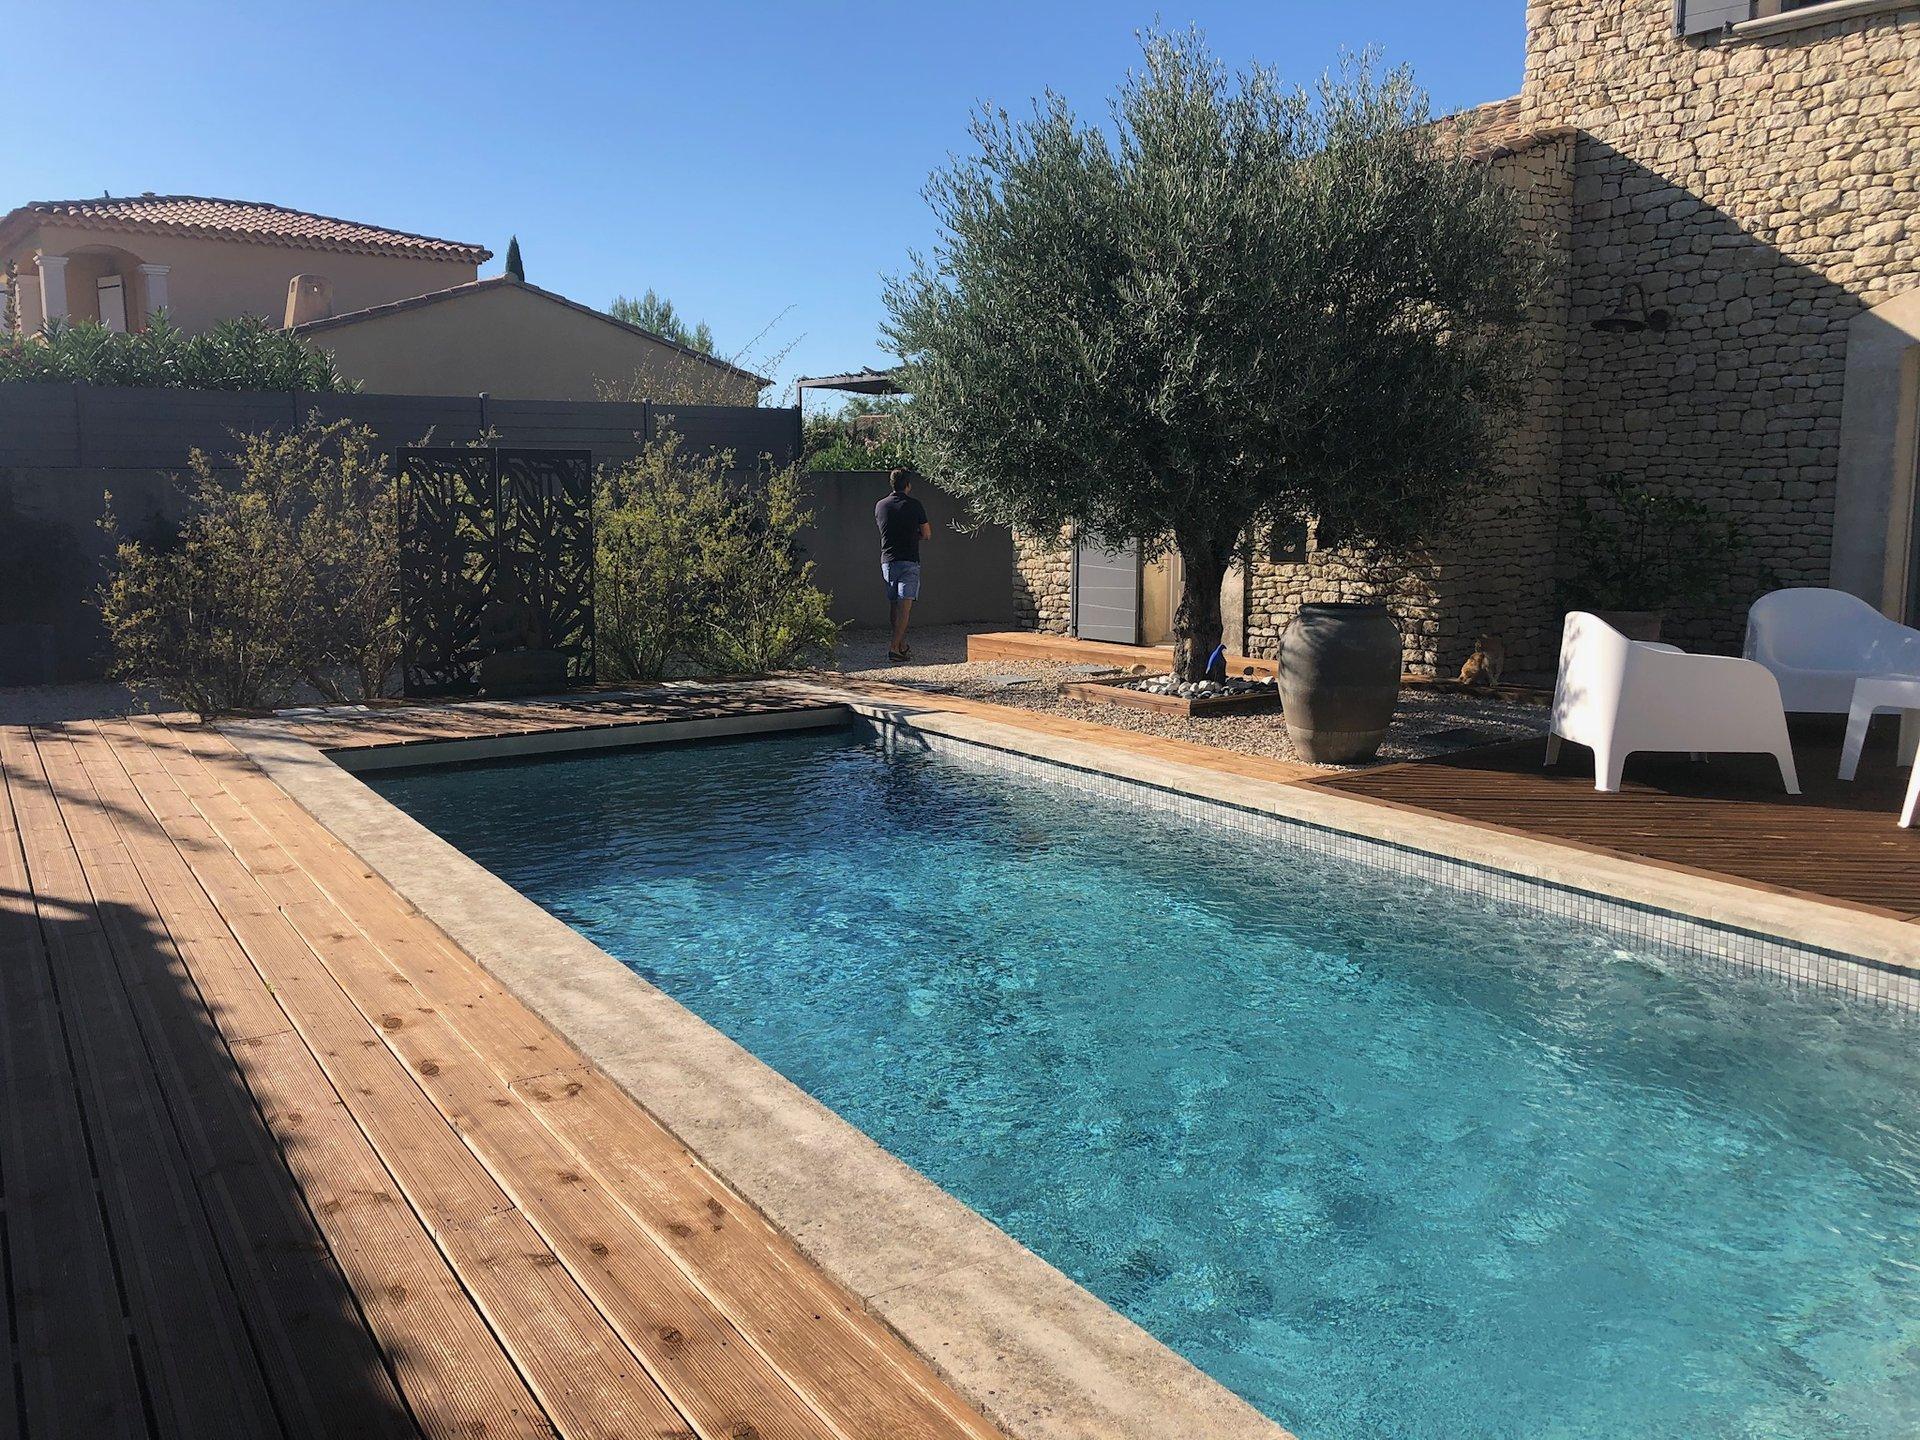 Charmante maison contemporaine avec piscine Chateaurenard